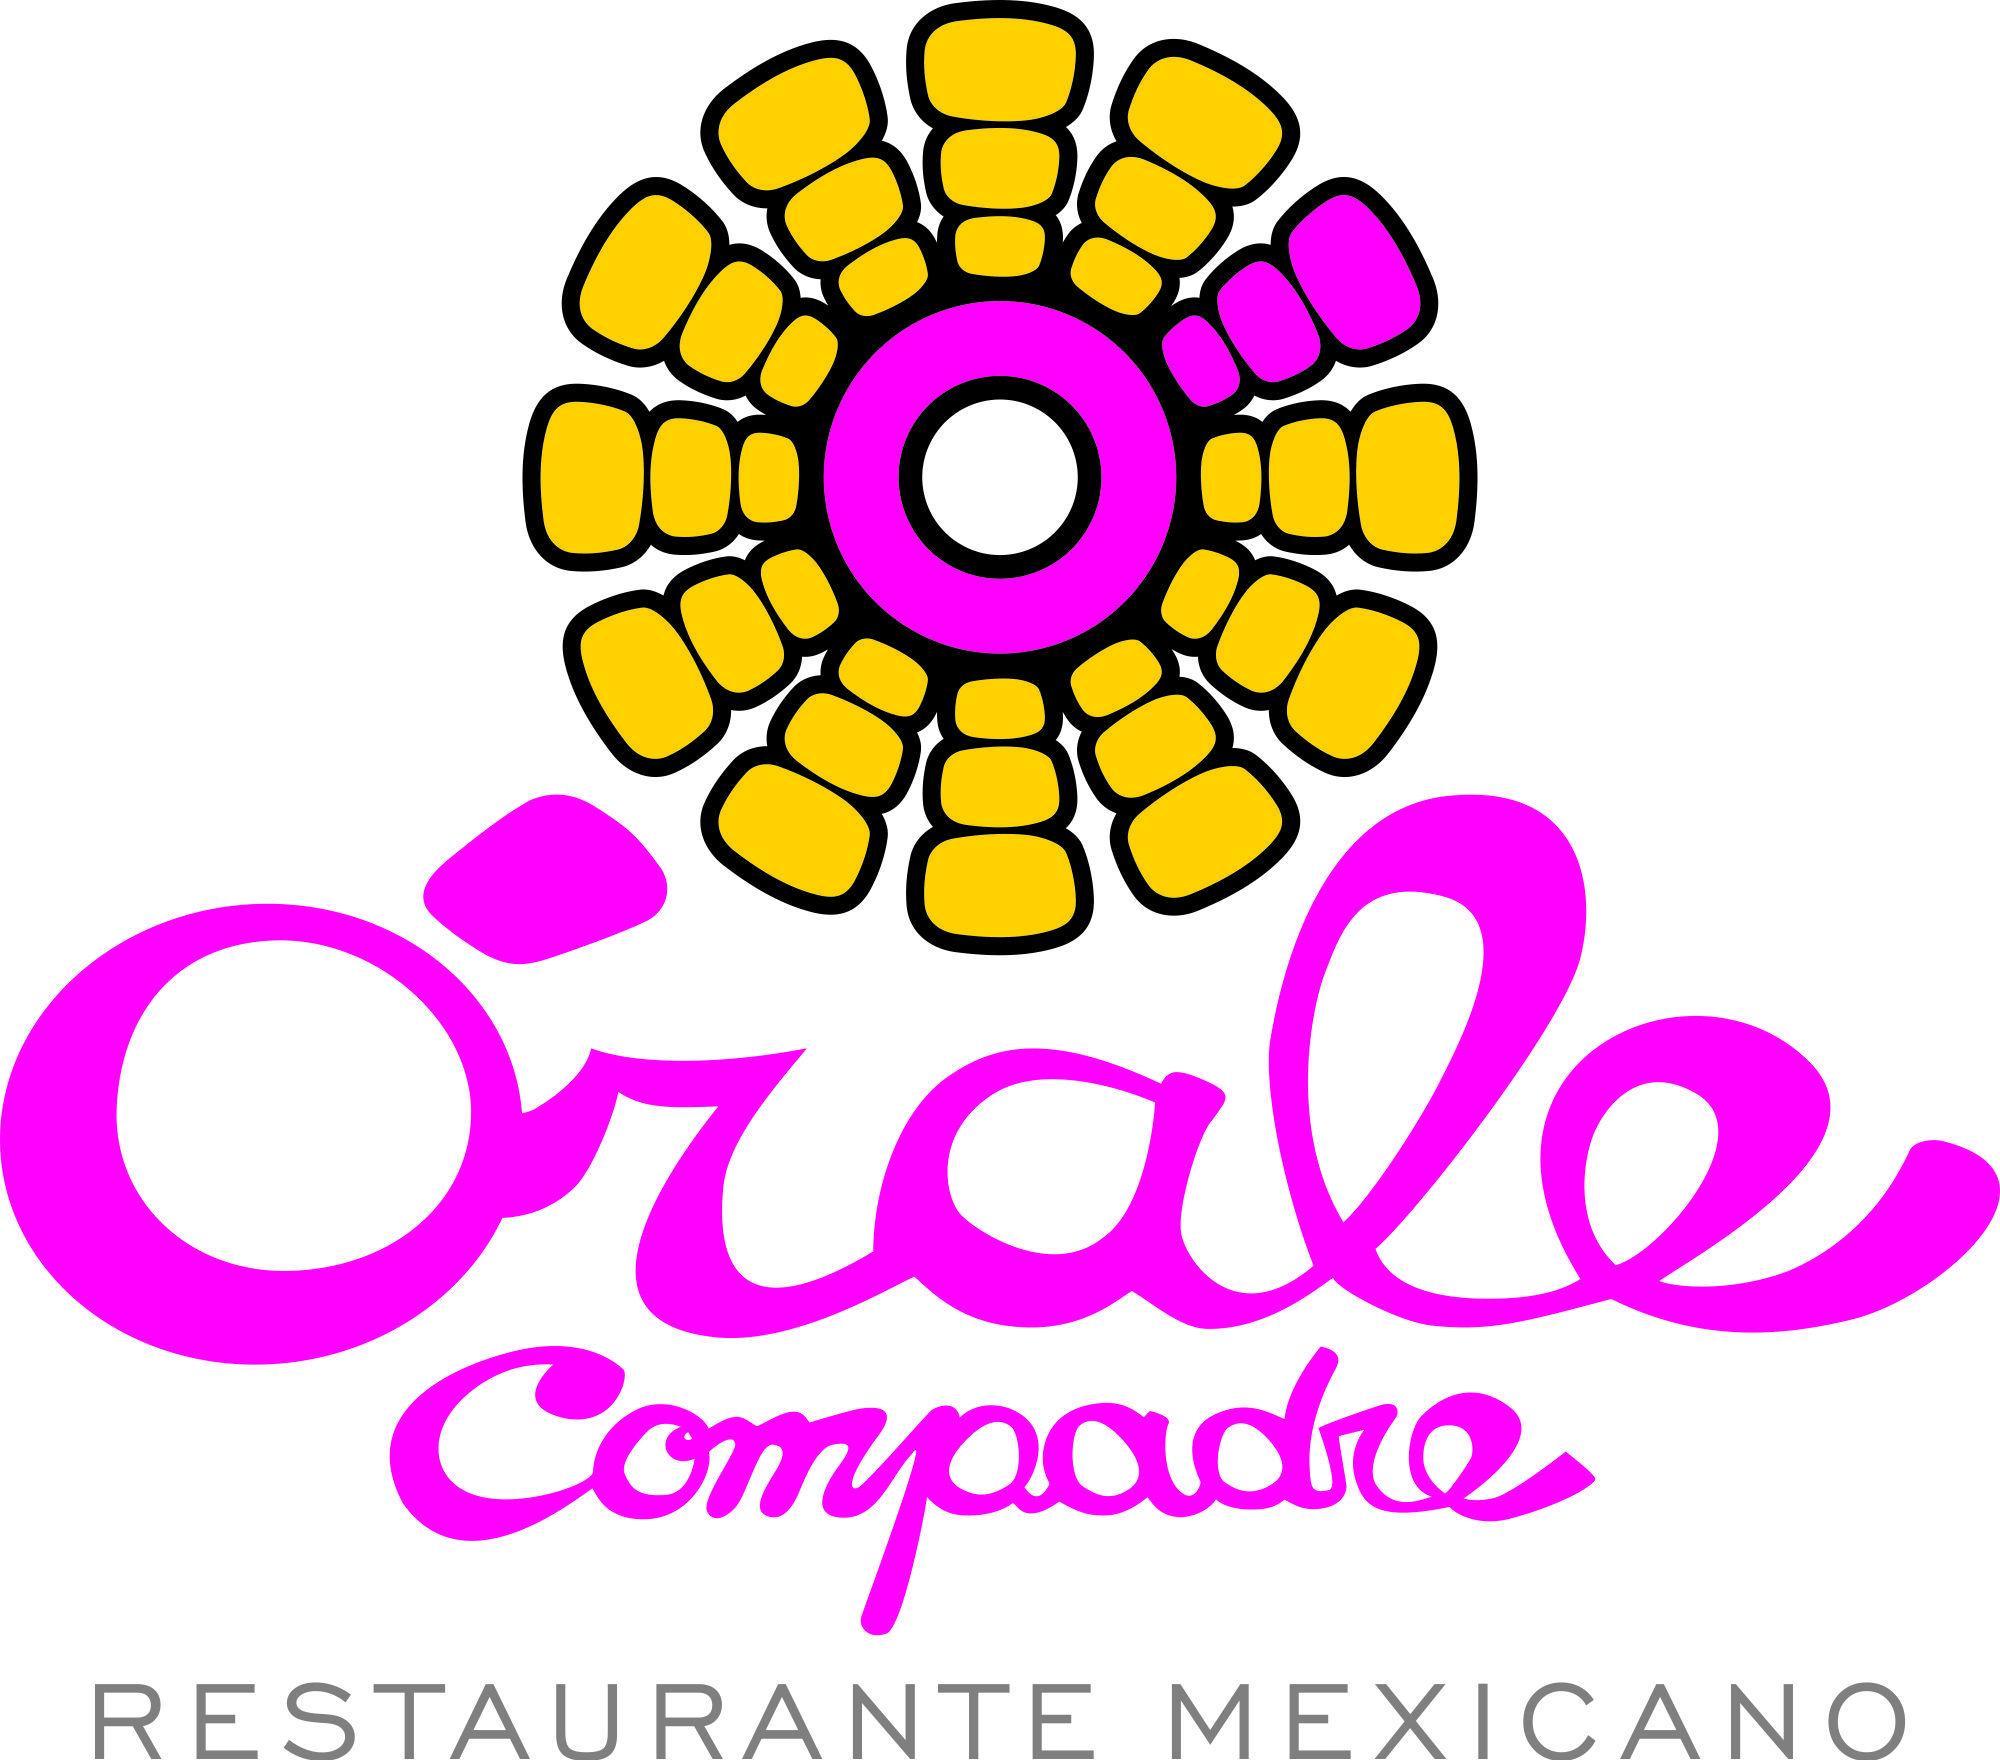 Orale Compadre